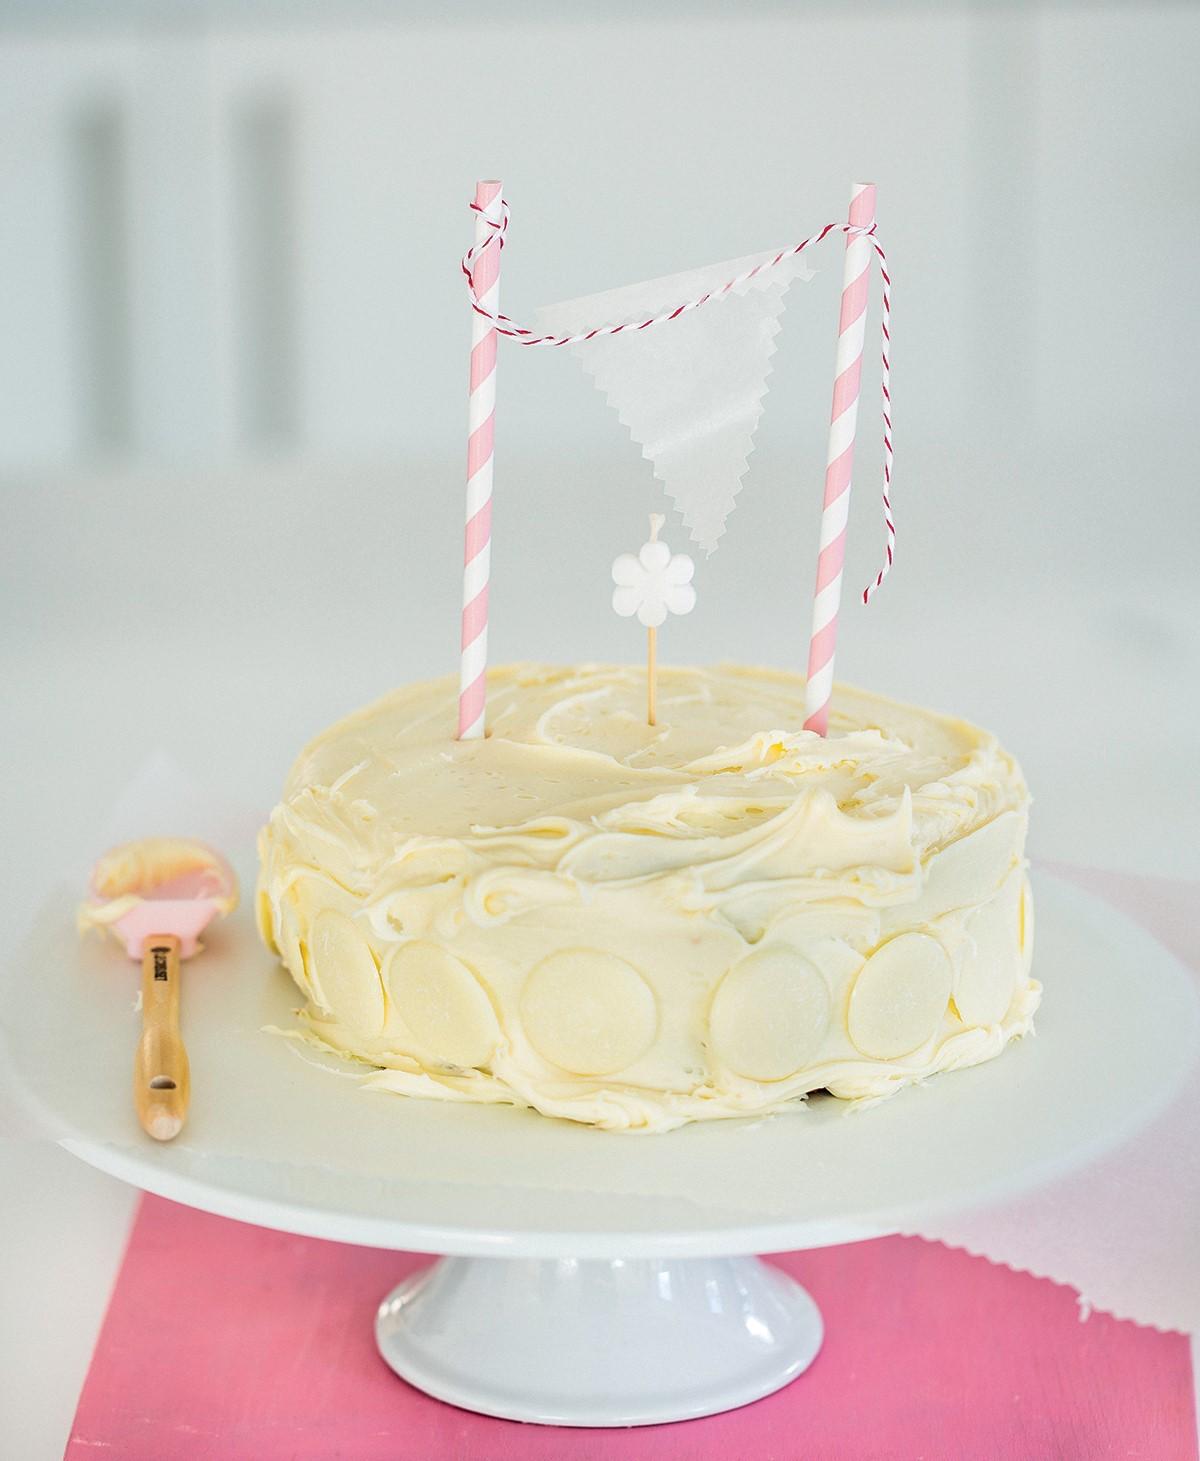 cách trang trí bánh bông lan 7 cách trang trí bánh bông lan Cách trang trí bánh bông lan cực ngon mà không cần đến kem tươi cach trang tri banh bong lan 7